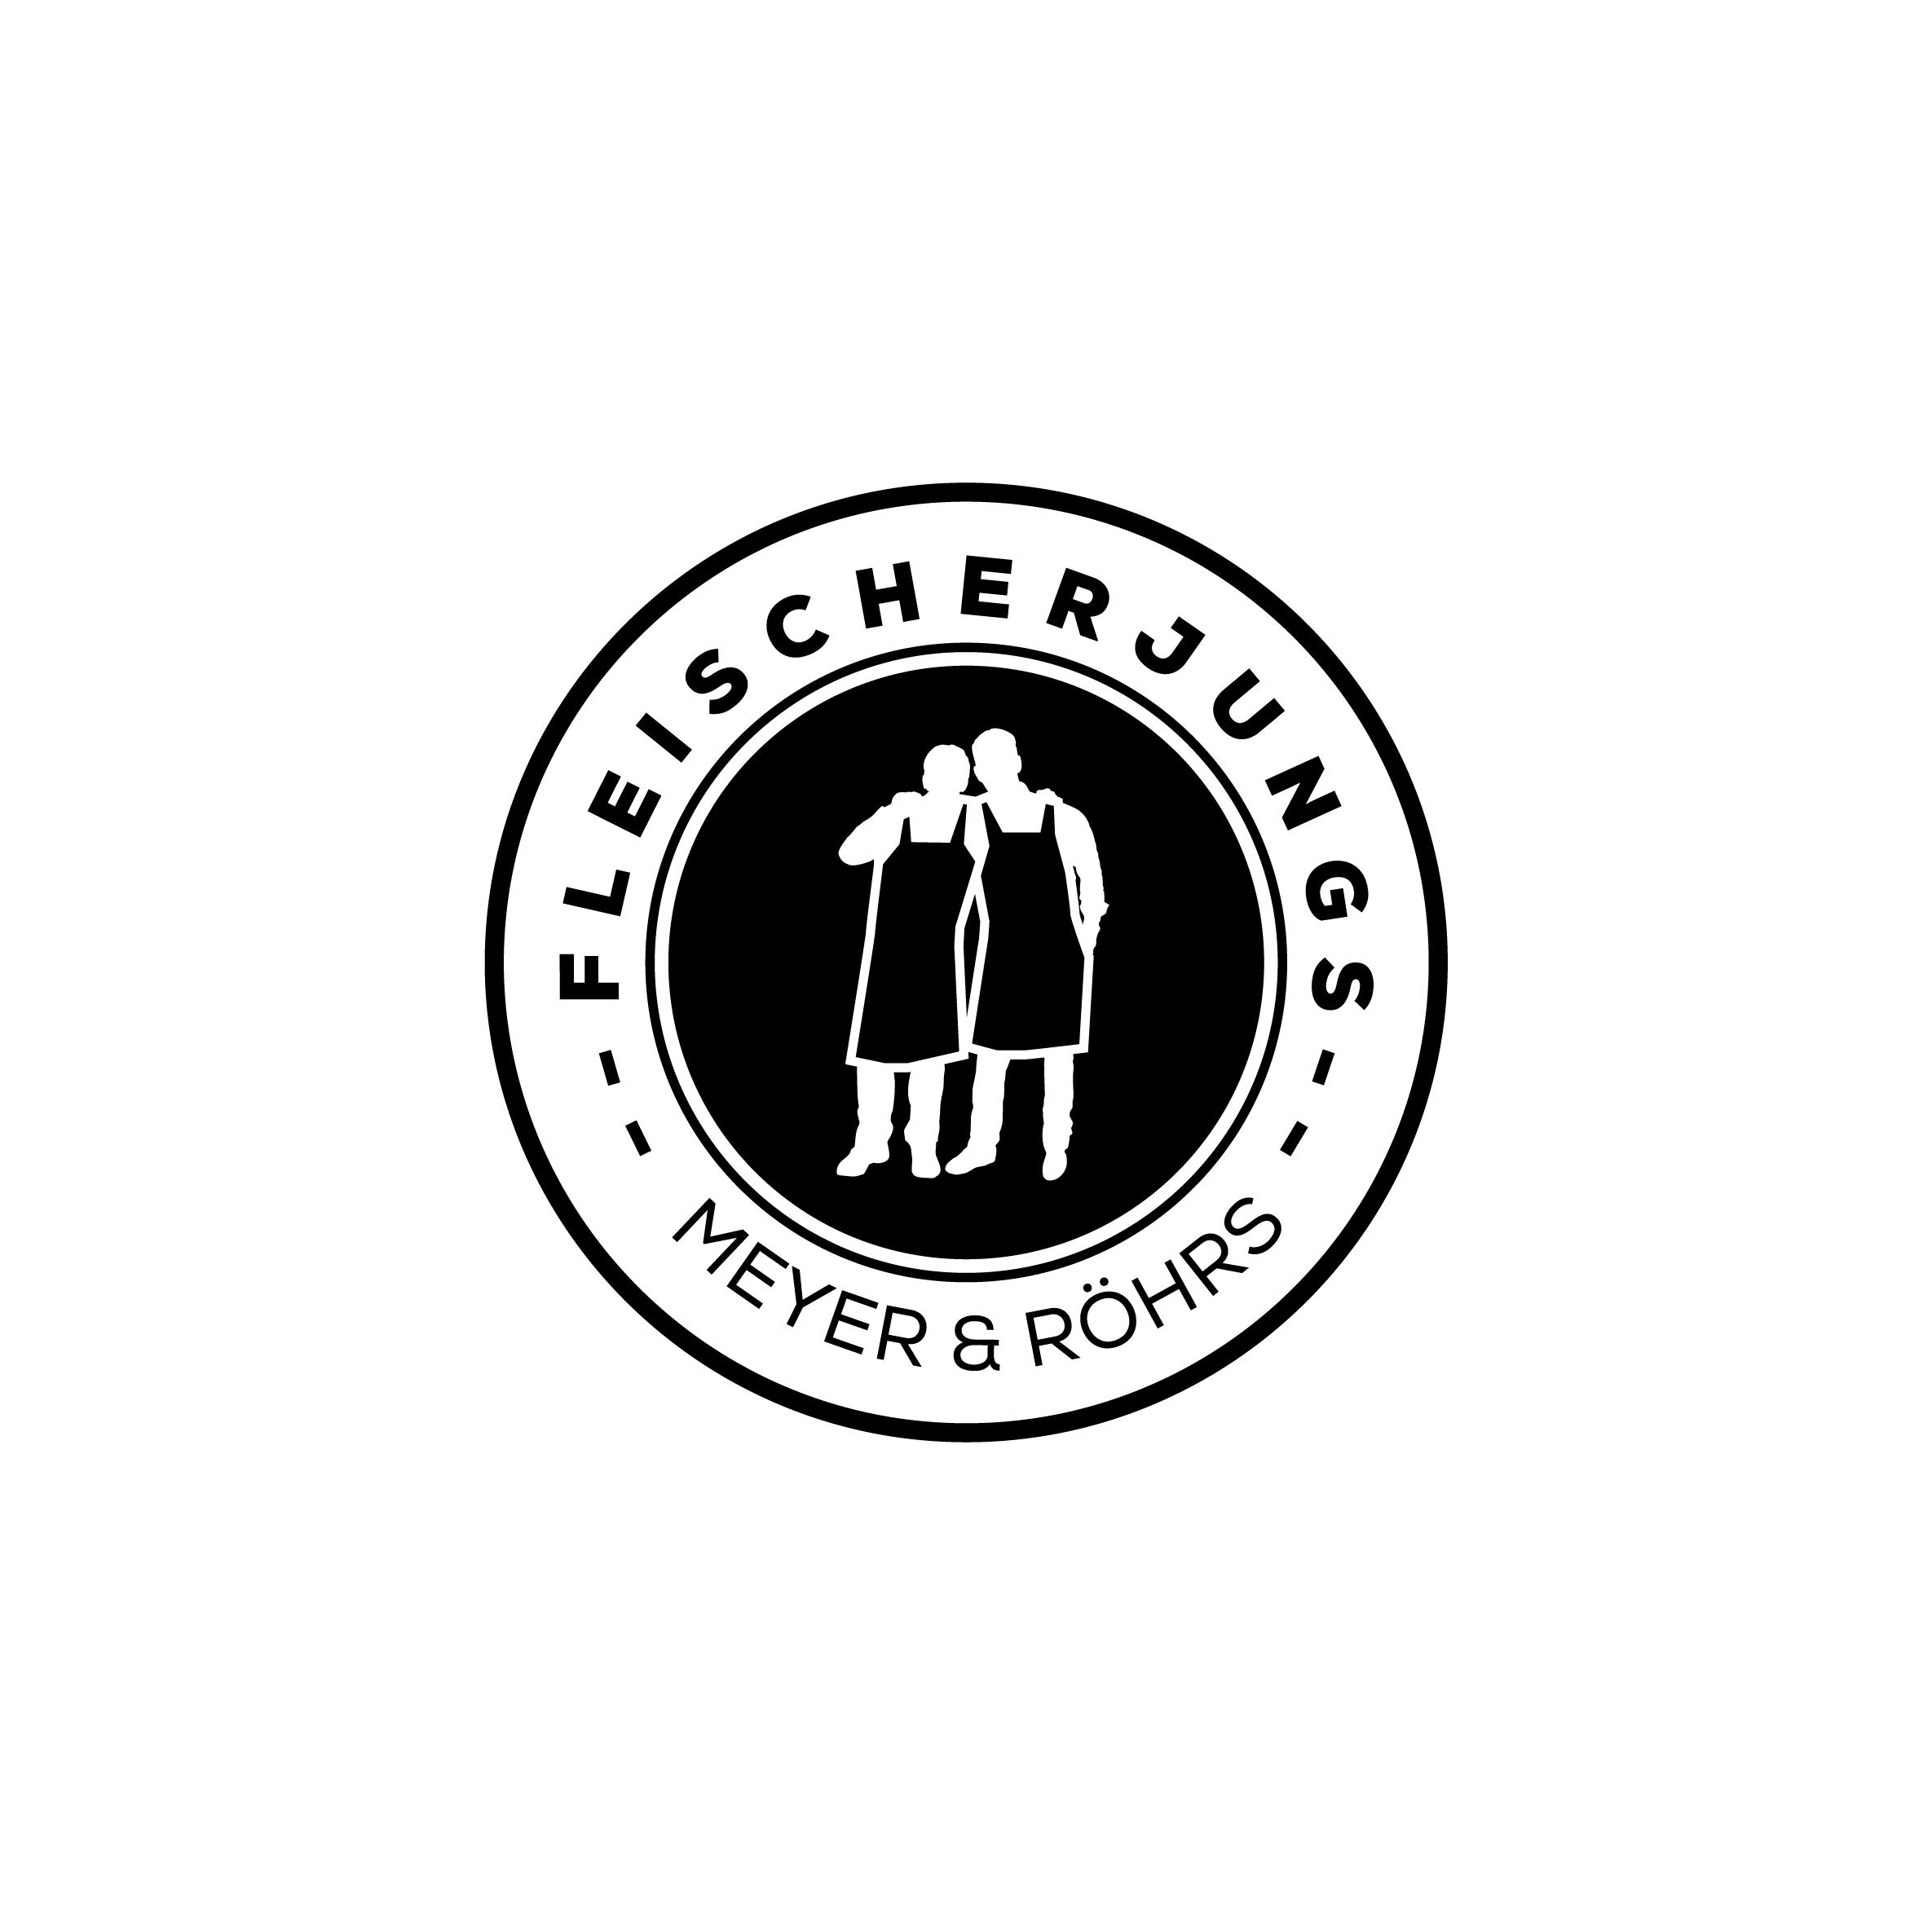 ALTSHIFT_Fleischerjungs_Logo_01.jpg